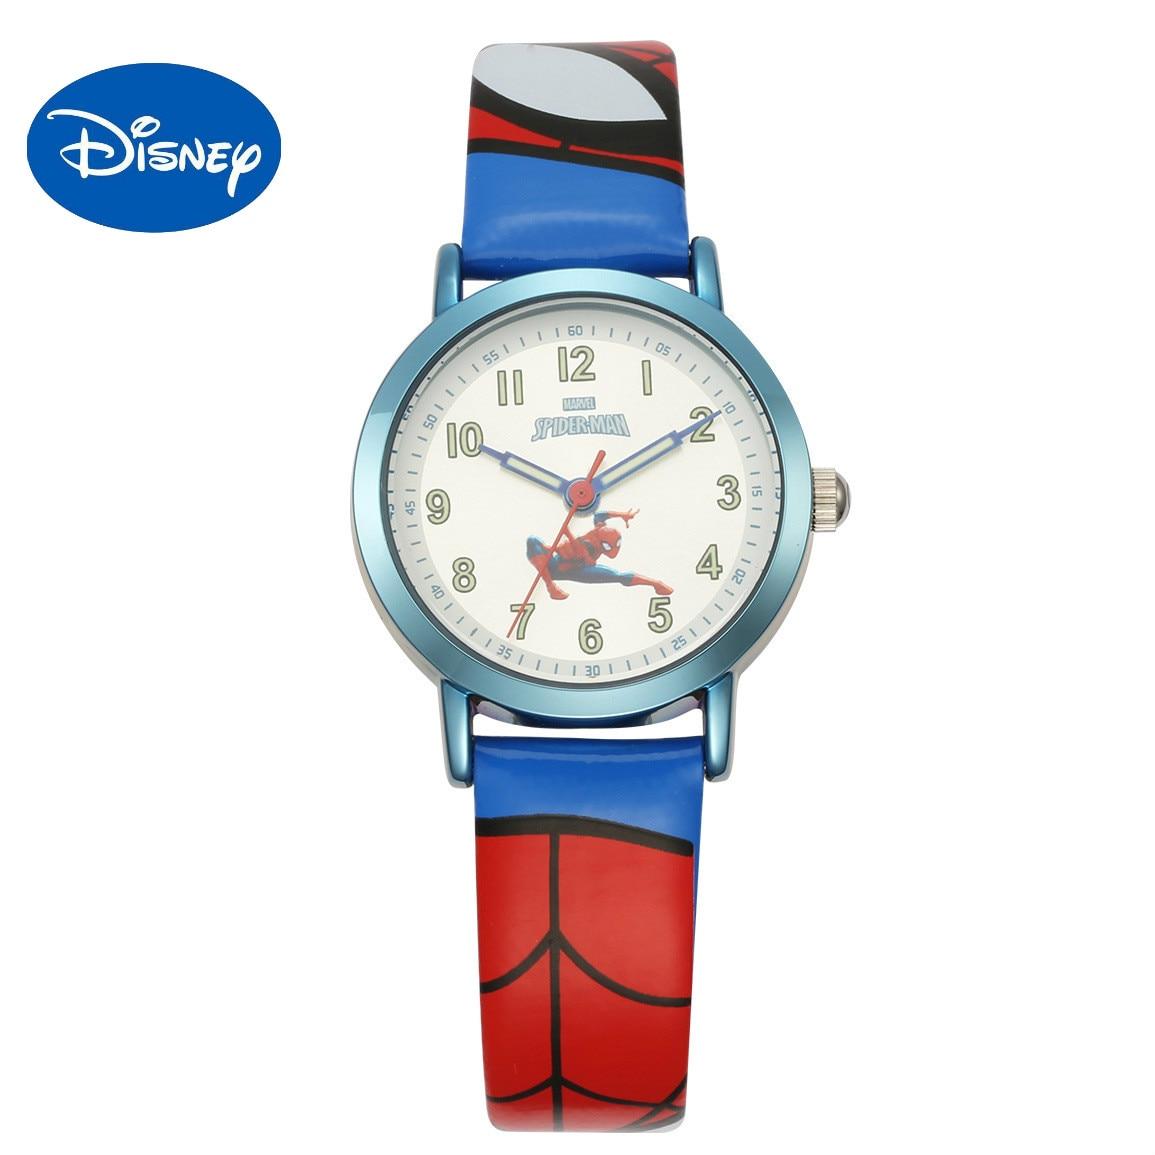 Оригинал Disney Marvel Animated Персонаж Часы Disney Дети 27 лет Часы Человек-паук Мальчик И Девочка Кварц Часы Водонепроницаемость